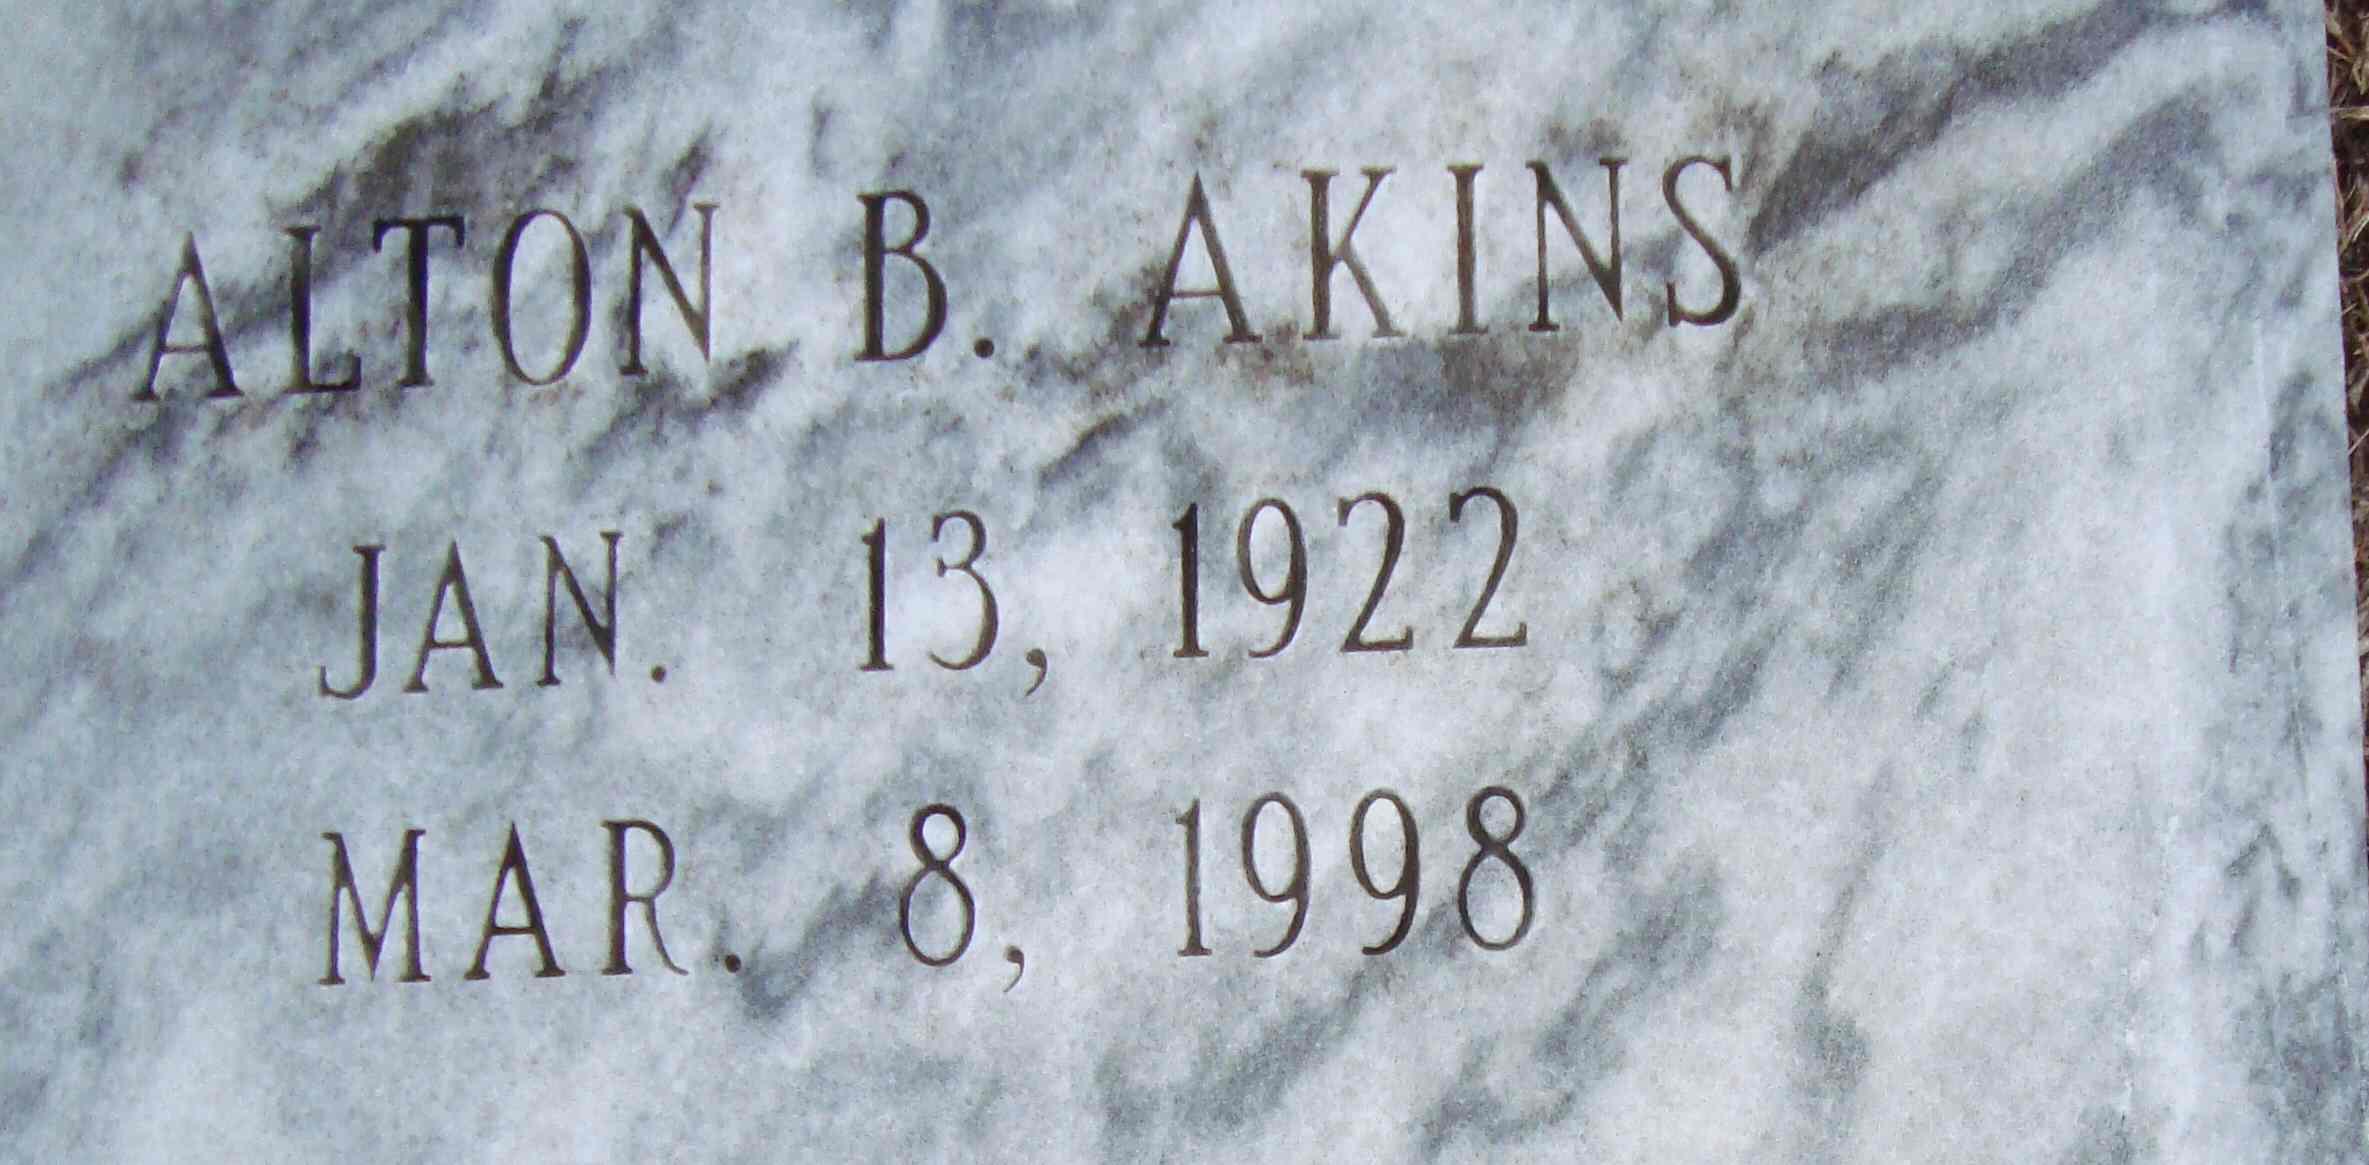 Alton B. Akins